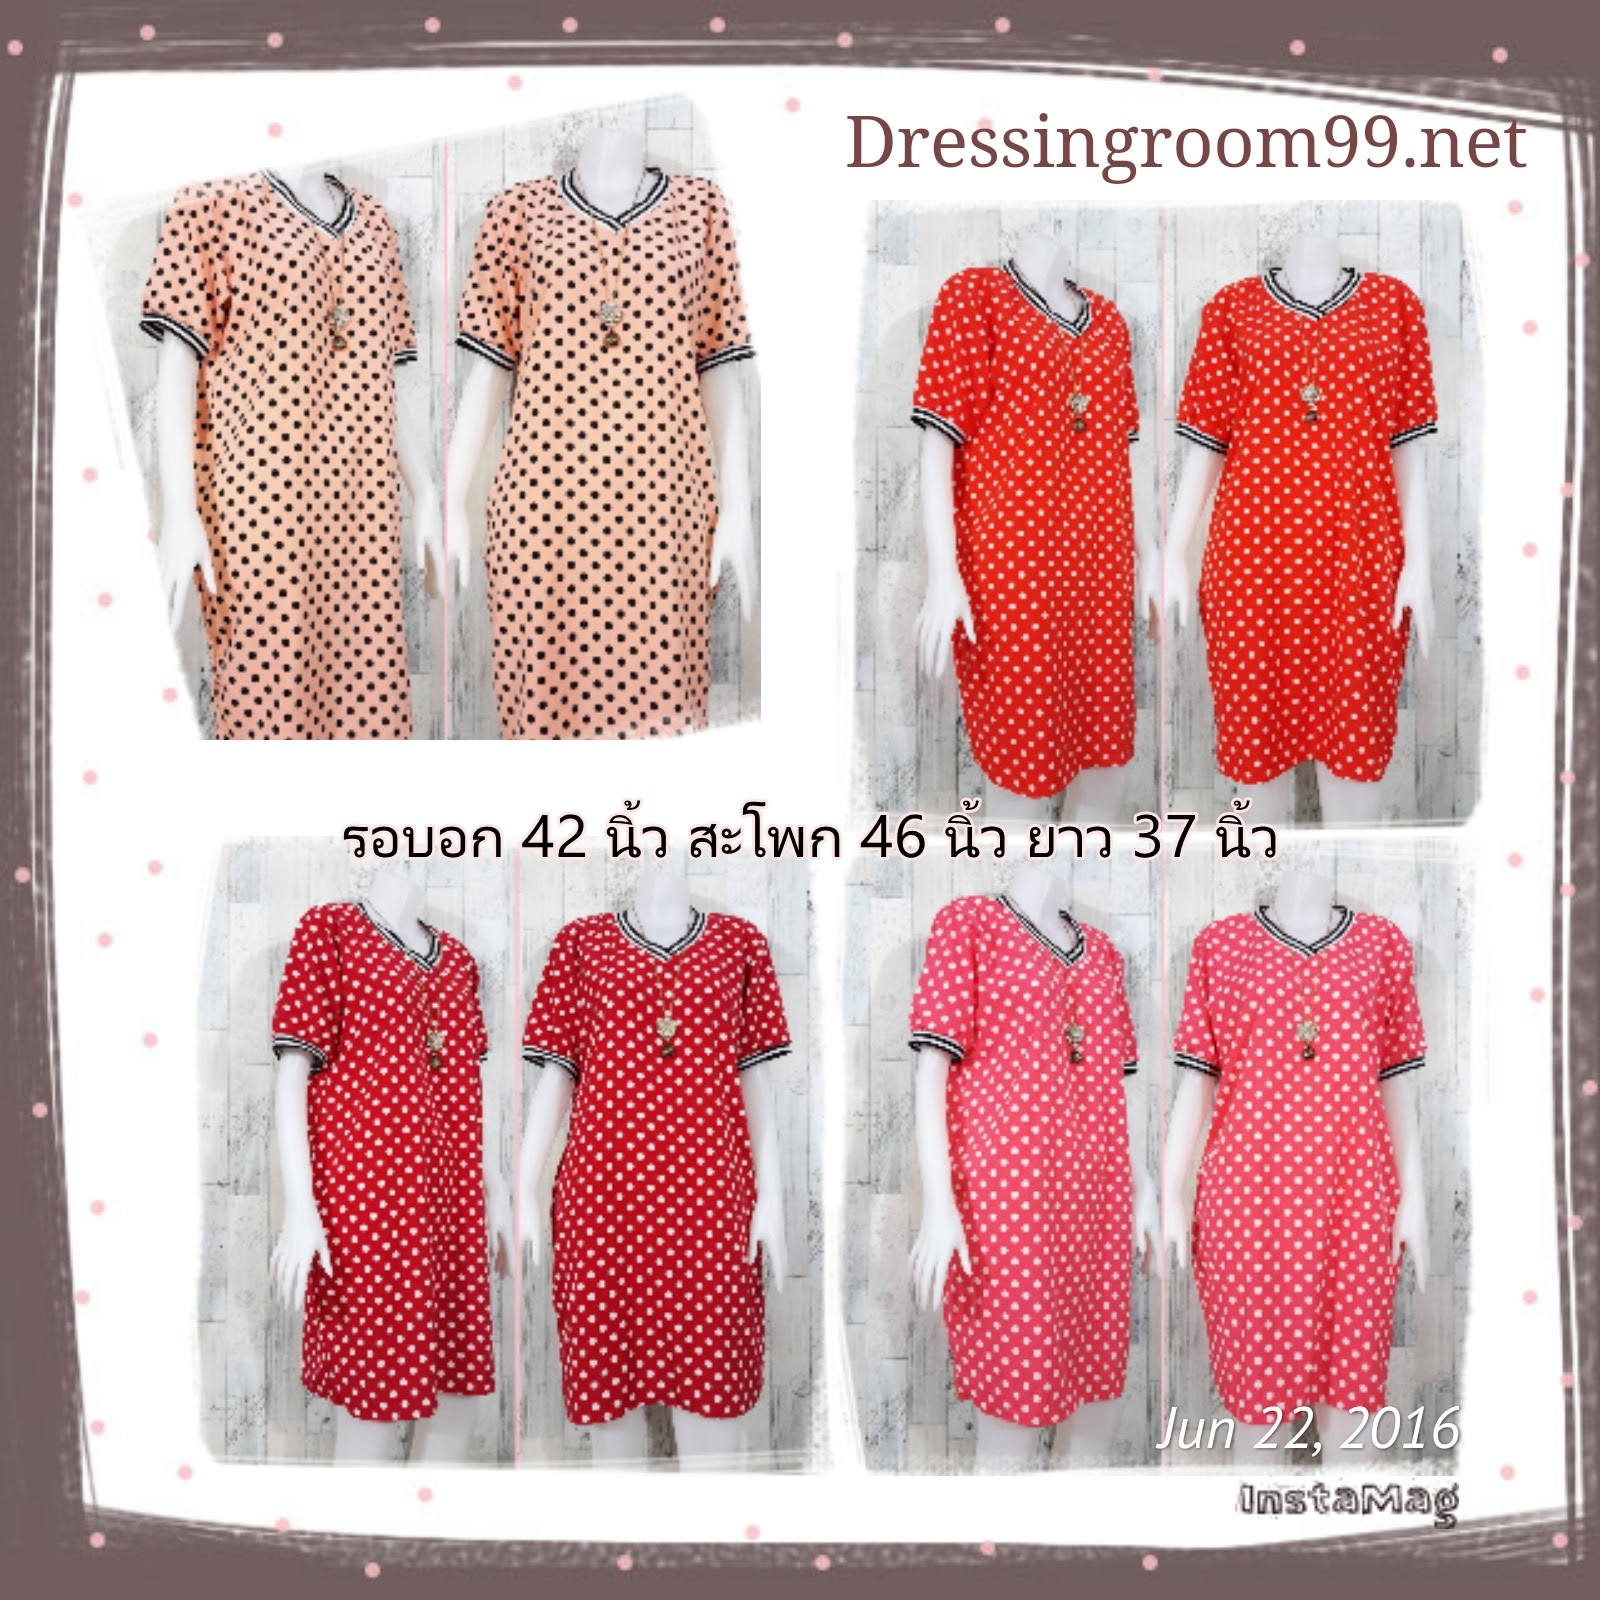 Dress3465-3468 ชุดเดรสไซส์ใหญ่ คอวี แขนจัมพ์ กระเป๋าเจาะข้าง ผ้าไหมอิตาลีเกรดเอเนื้อนิ่มลายจุด **งานเหลือ 2 สี ส้ม โอลด์โรส